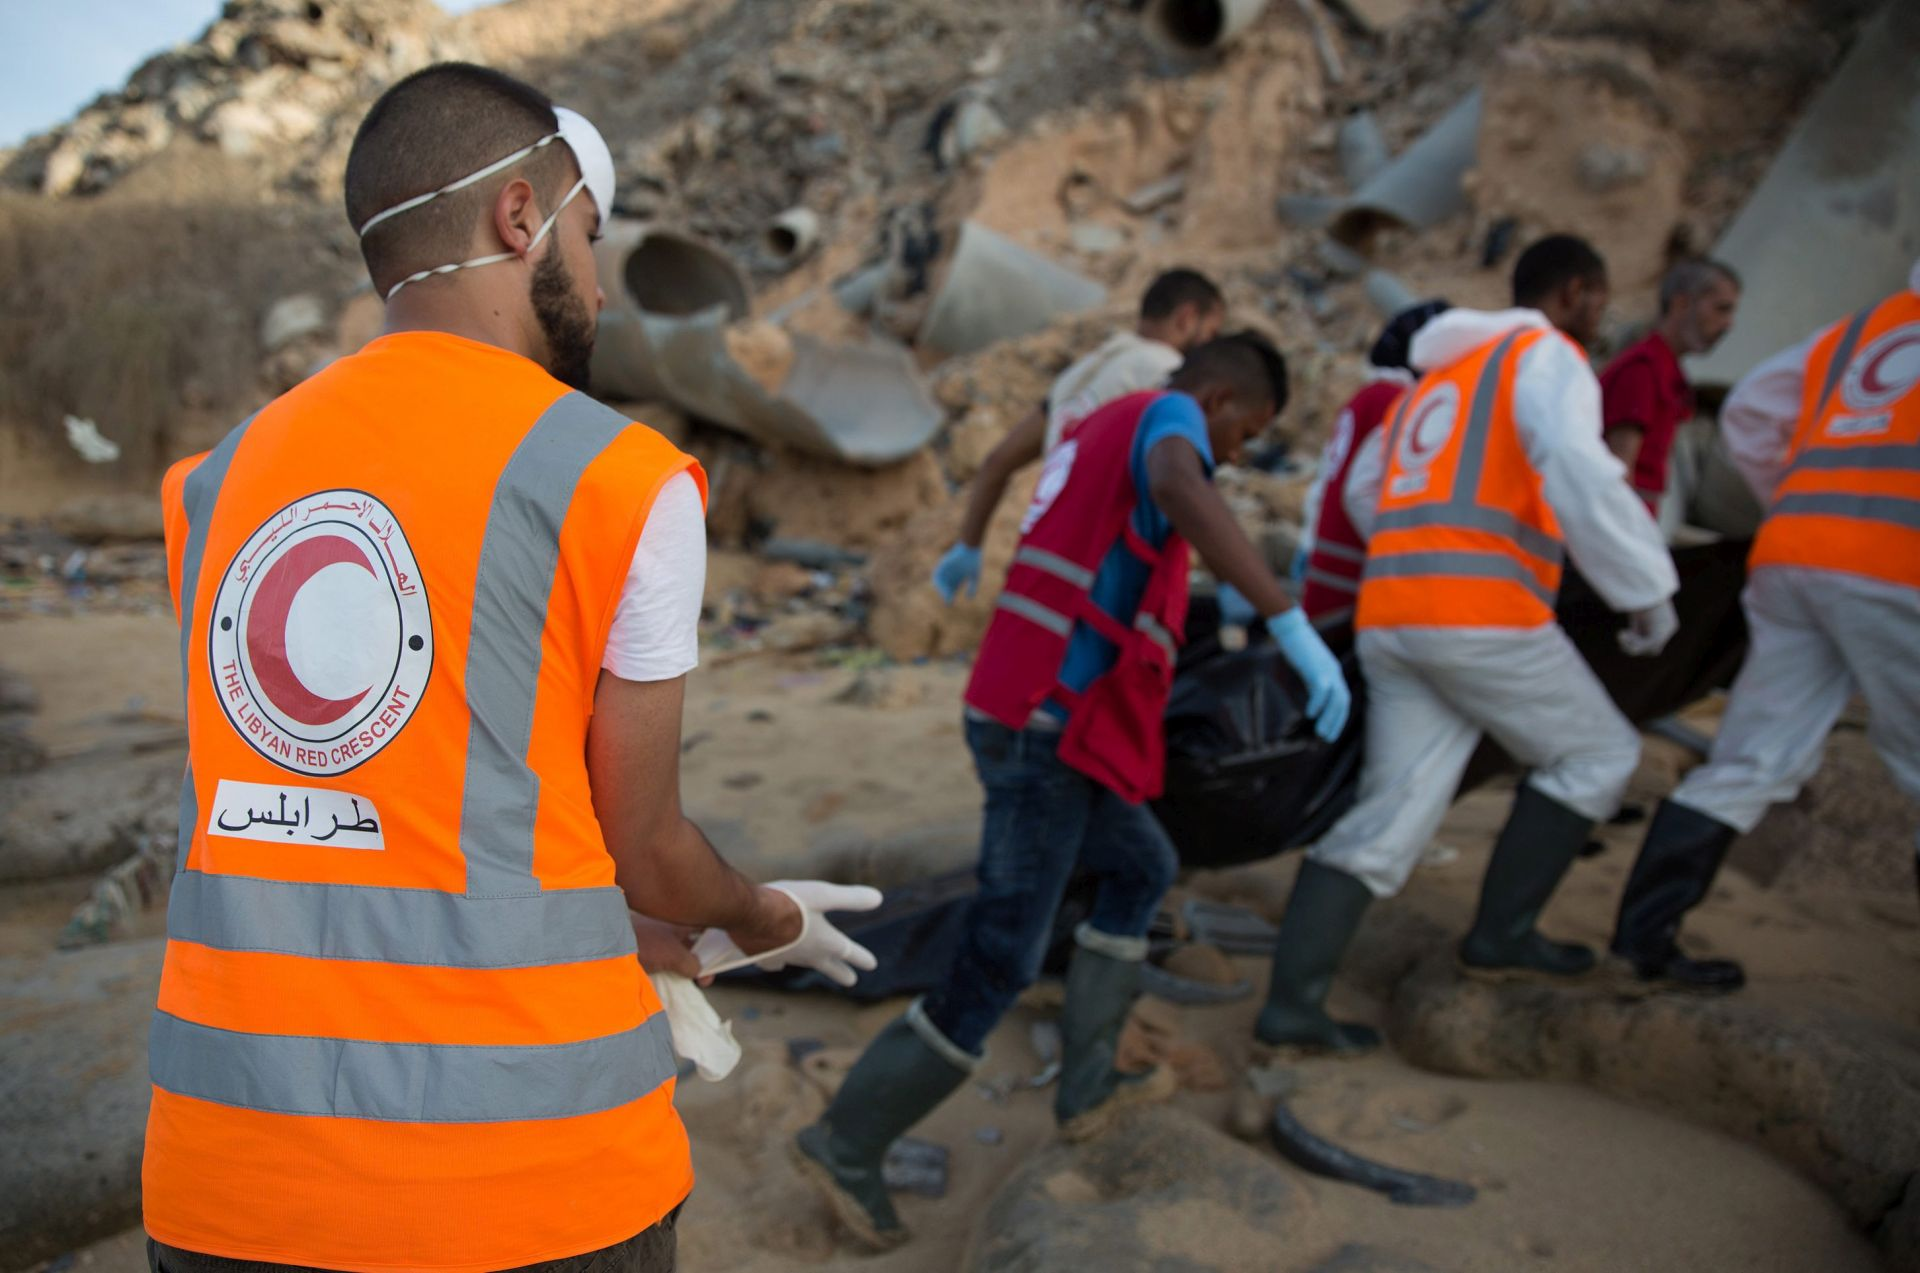 TRAGIČNO PUTOVANJE: More kod Tripolija izbacilo tijela 11 migranata